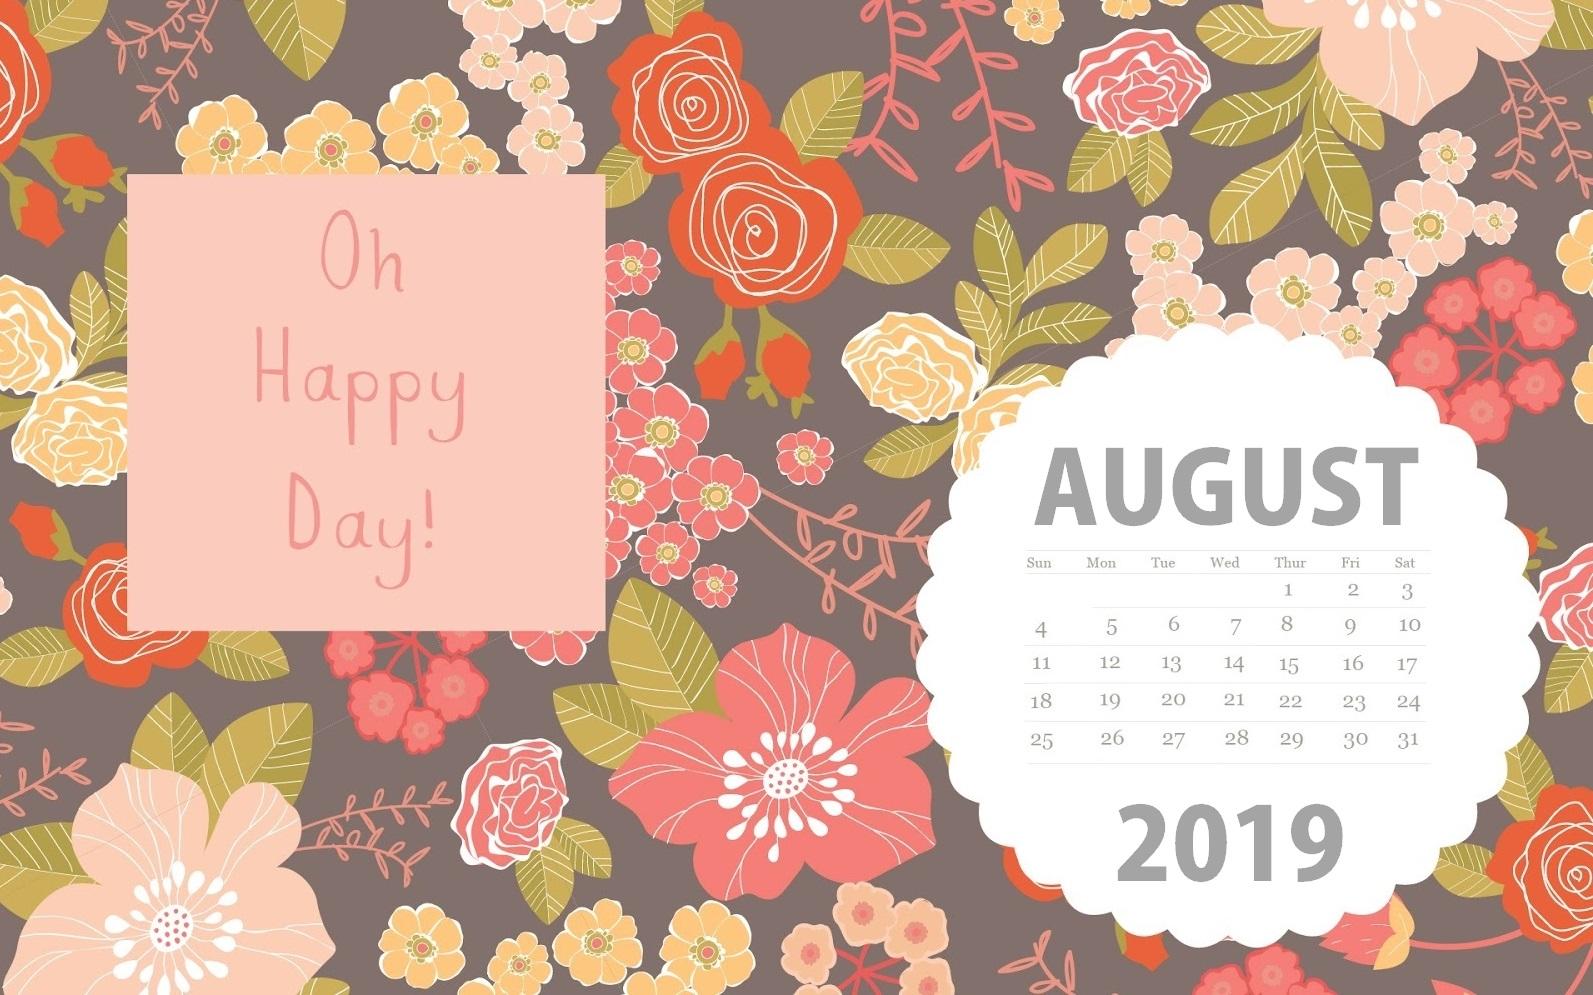 August 2019 Floral Desktop Calendar Wallpaper